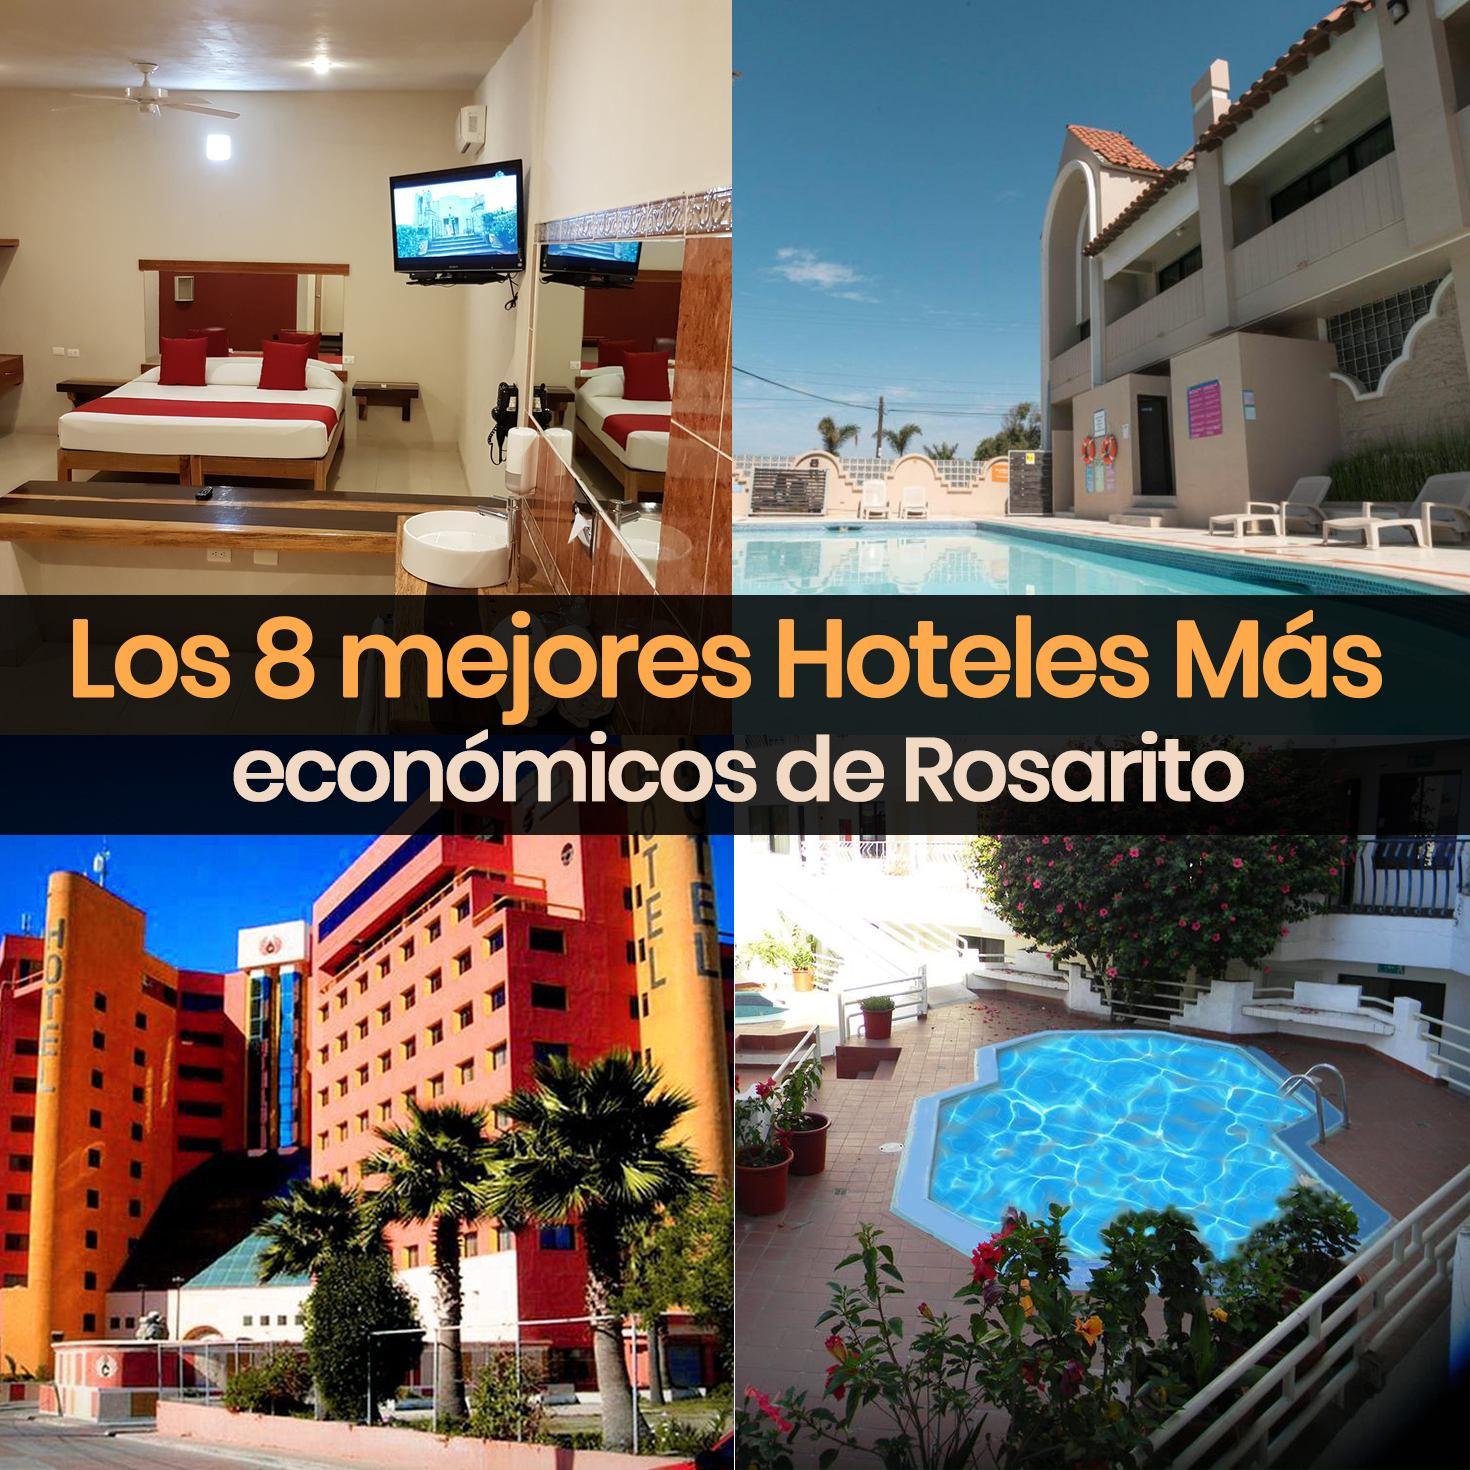 Resultado de imagen para hoteles en rosarito economicos